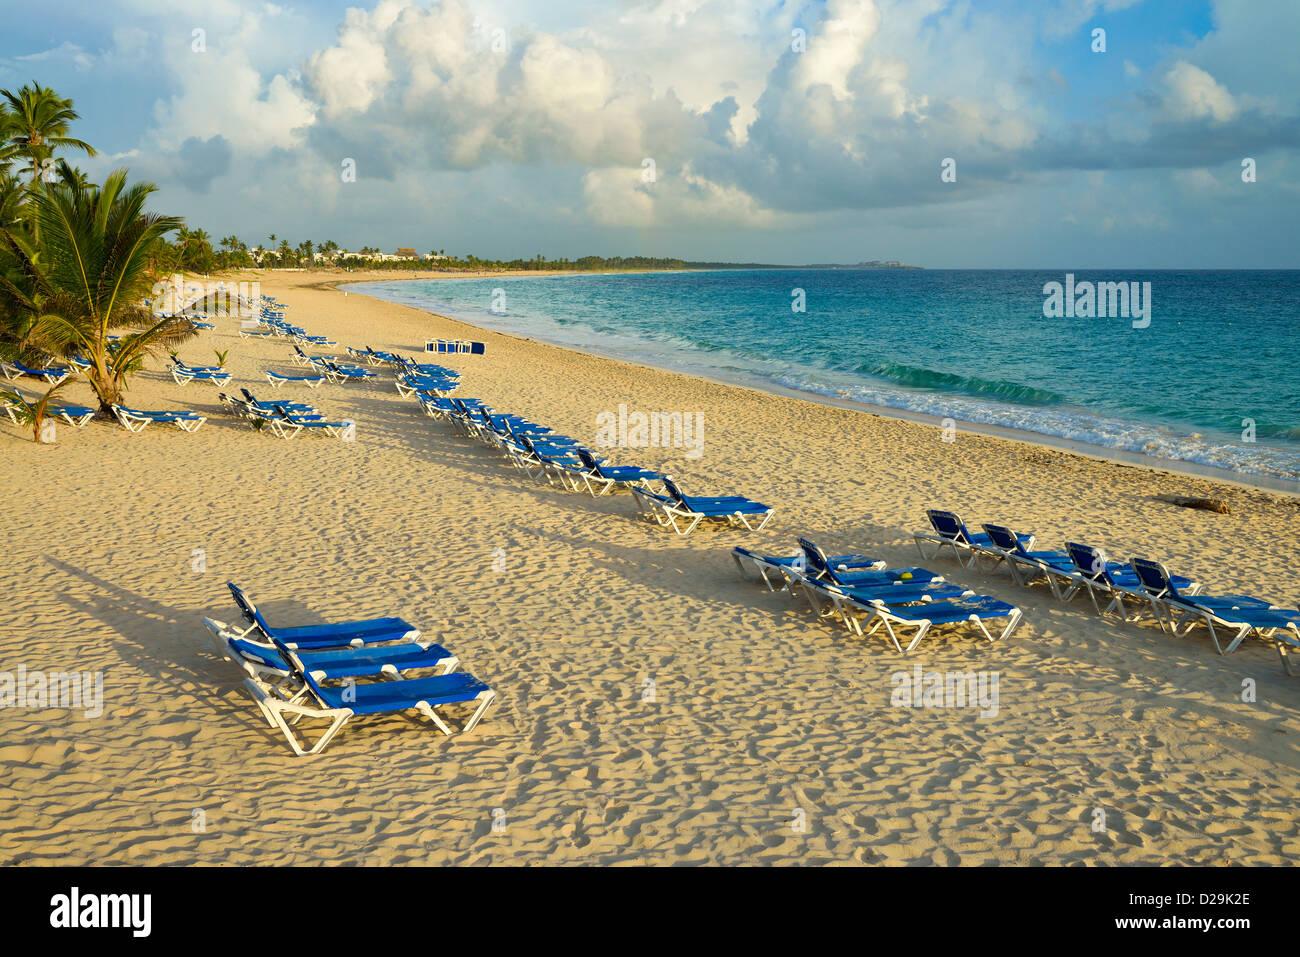 Au lever du soleil, la plage de Punta Cana, République dominicaine, Caraïbes Photo Stock